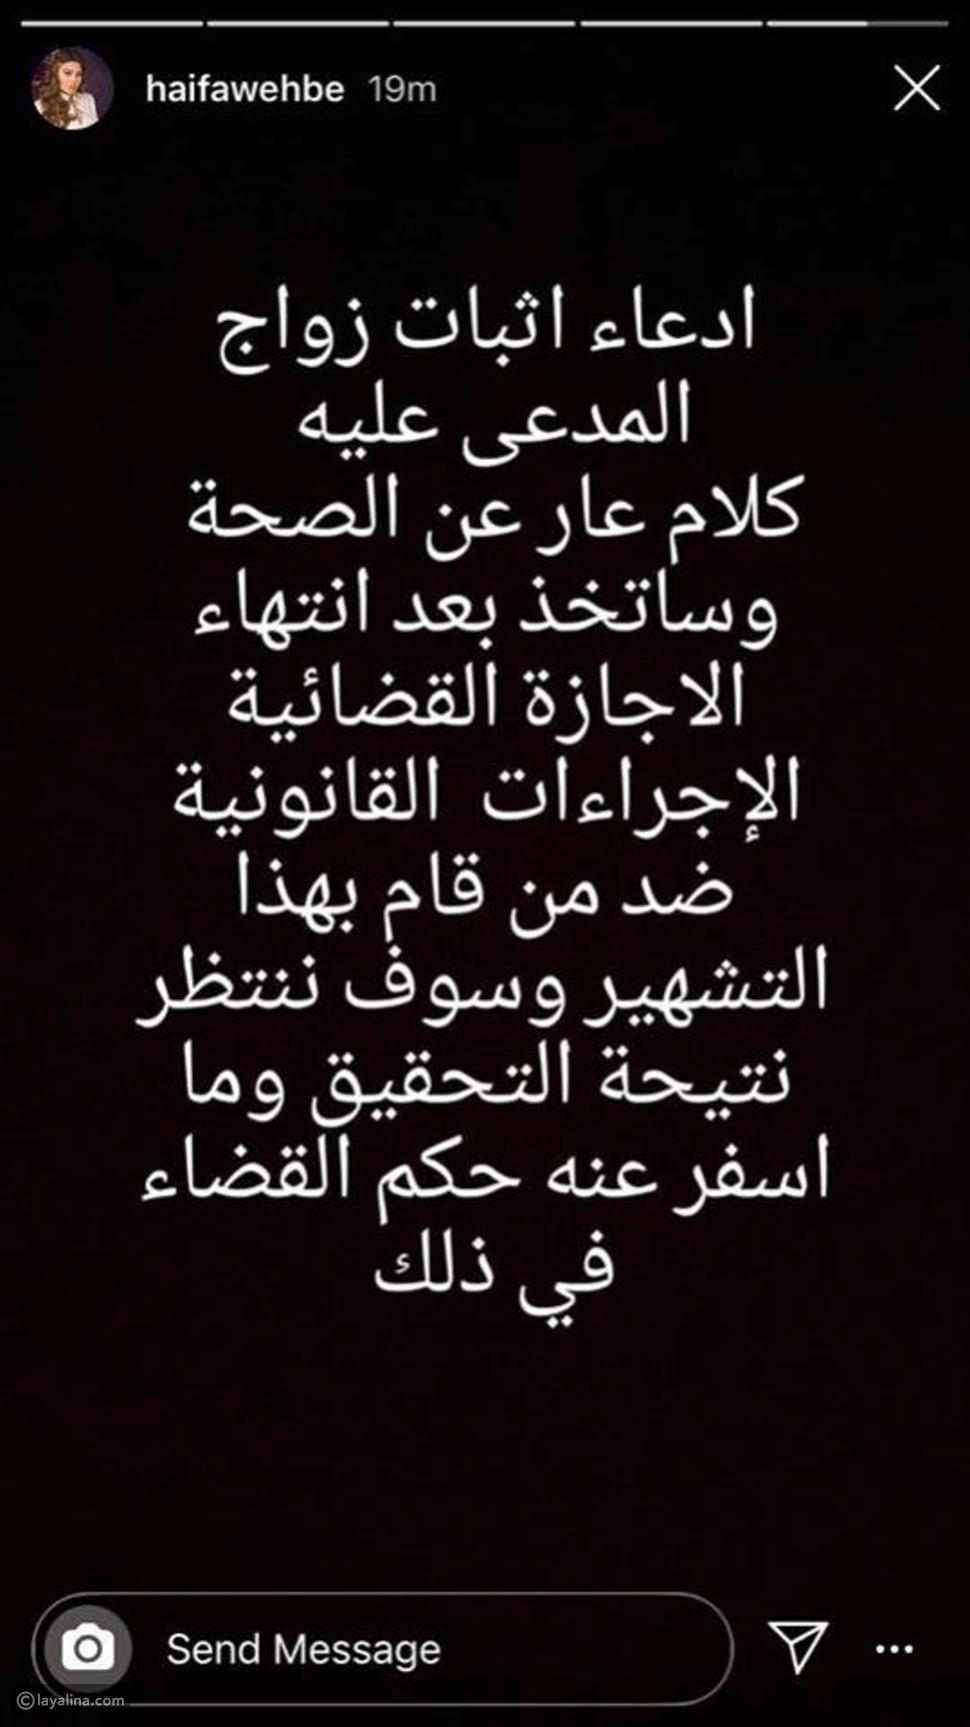 تعليق هيفاء وهبي على دعوى محمد وزيري ضدها